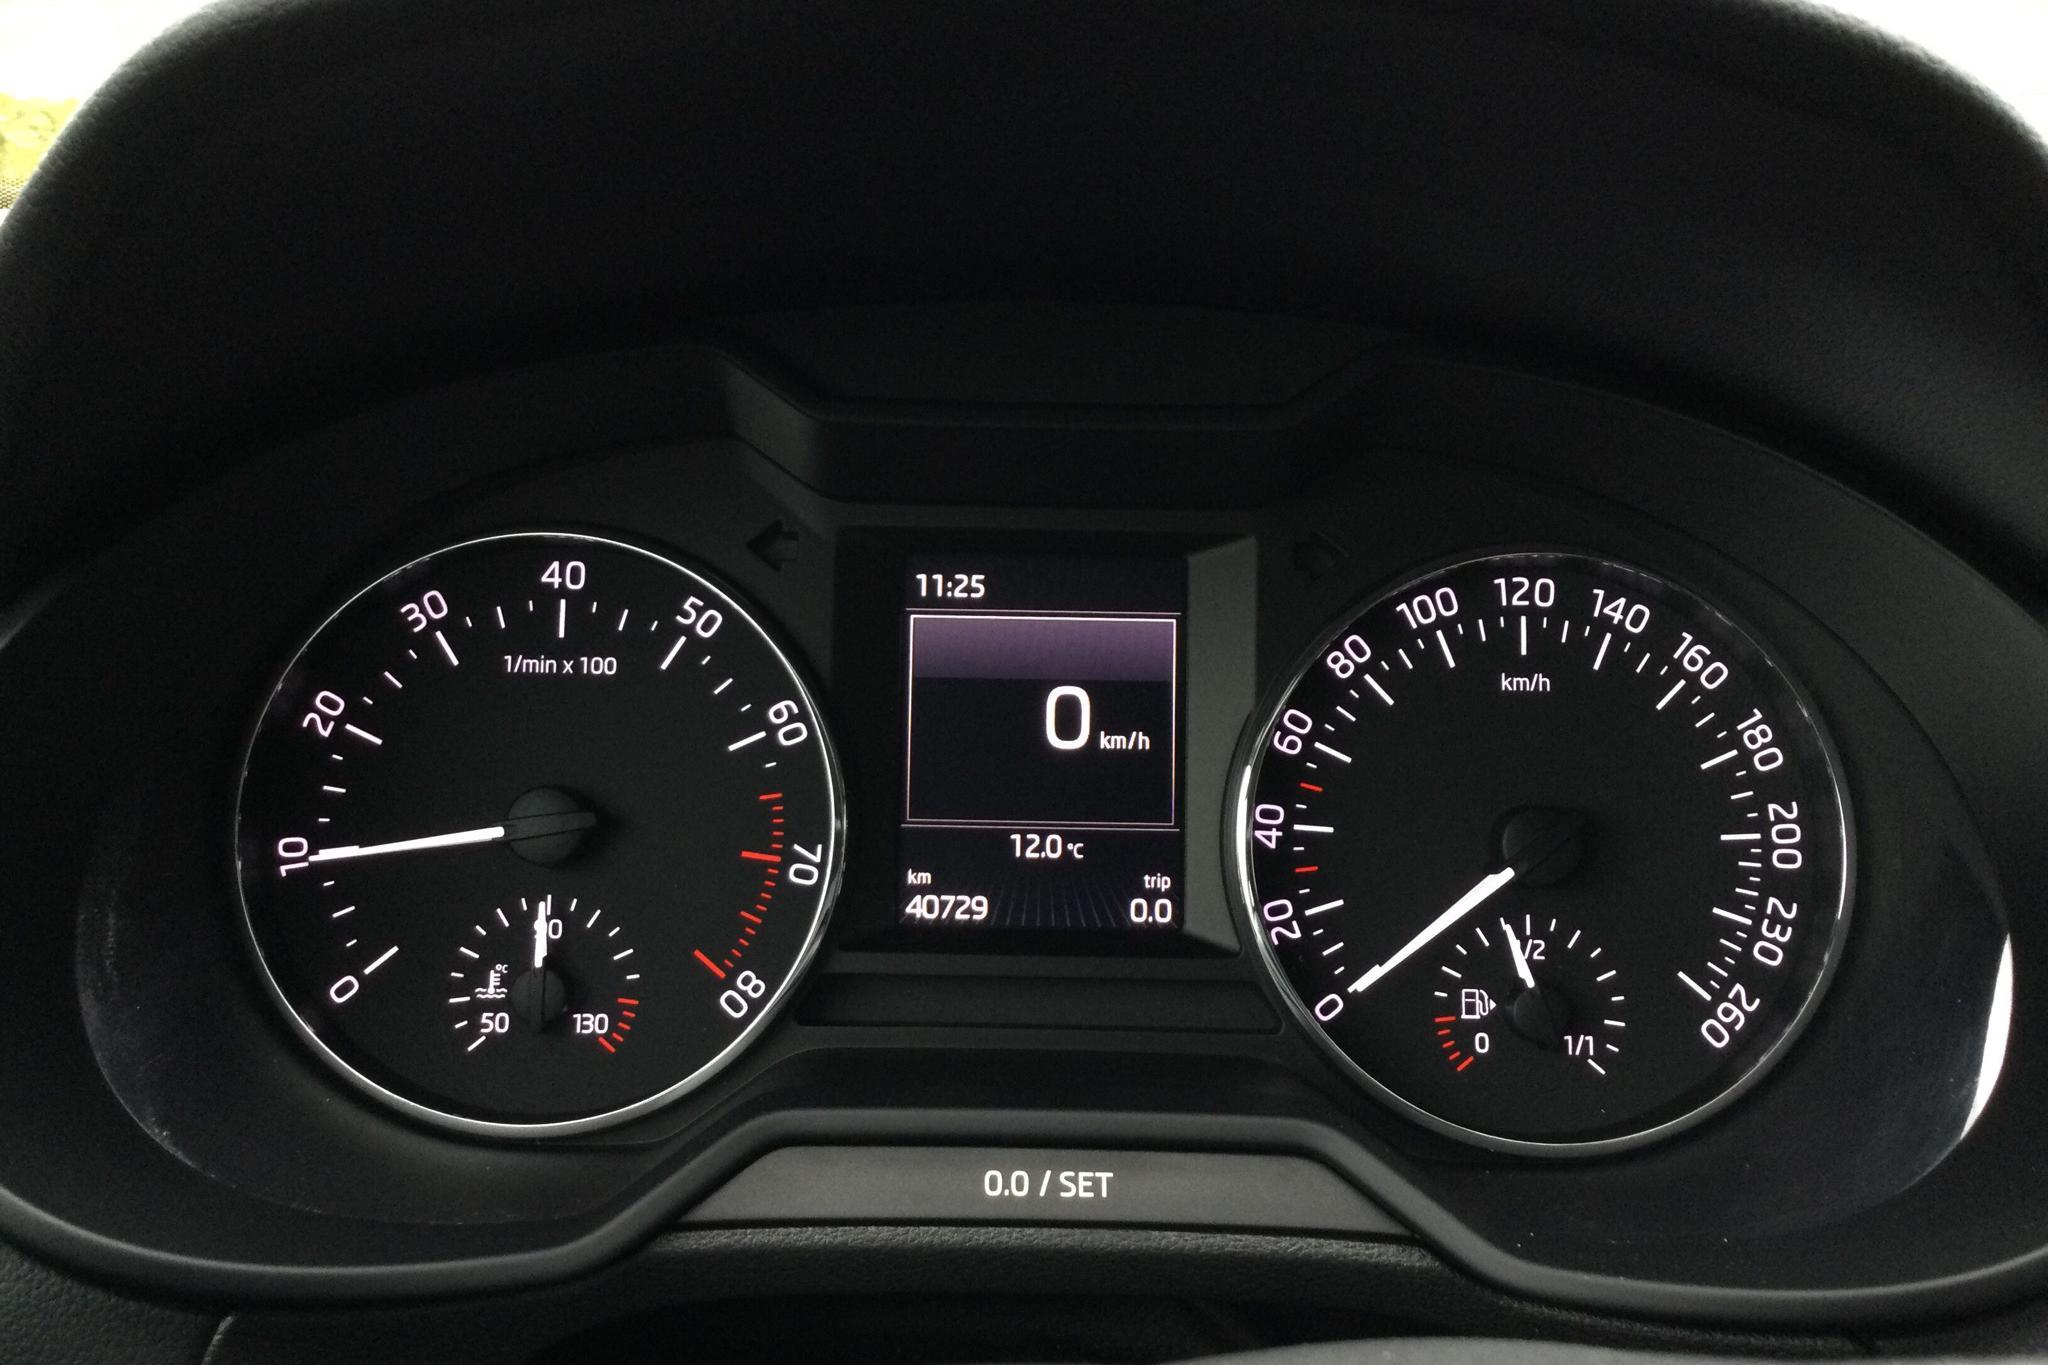 Skoda Octavia III 1.0 TSI Combi (115hk) - 4 073 mil - Manuell - vit - 2017